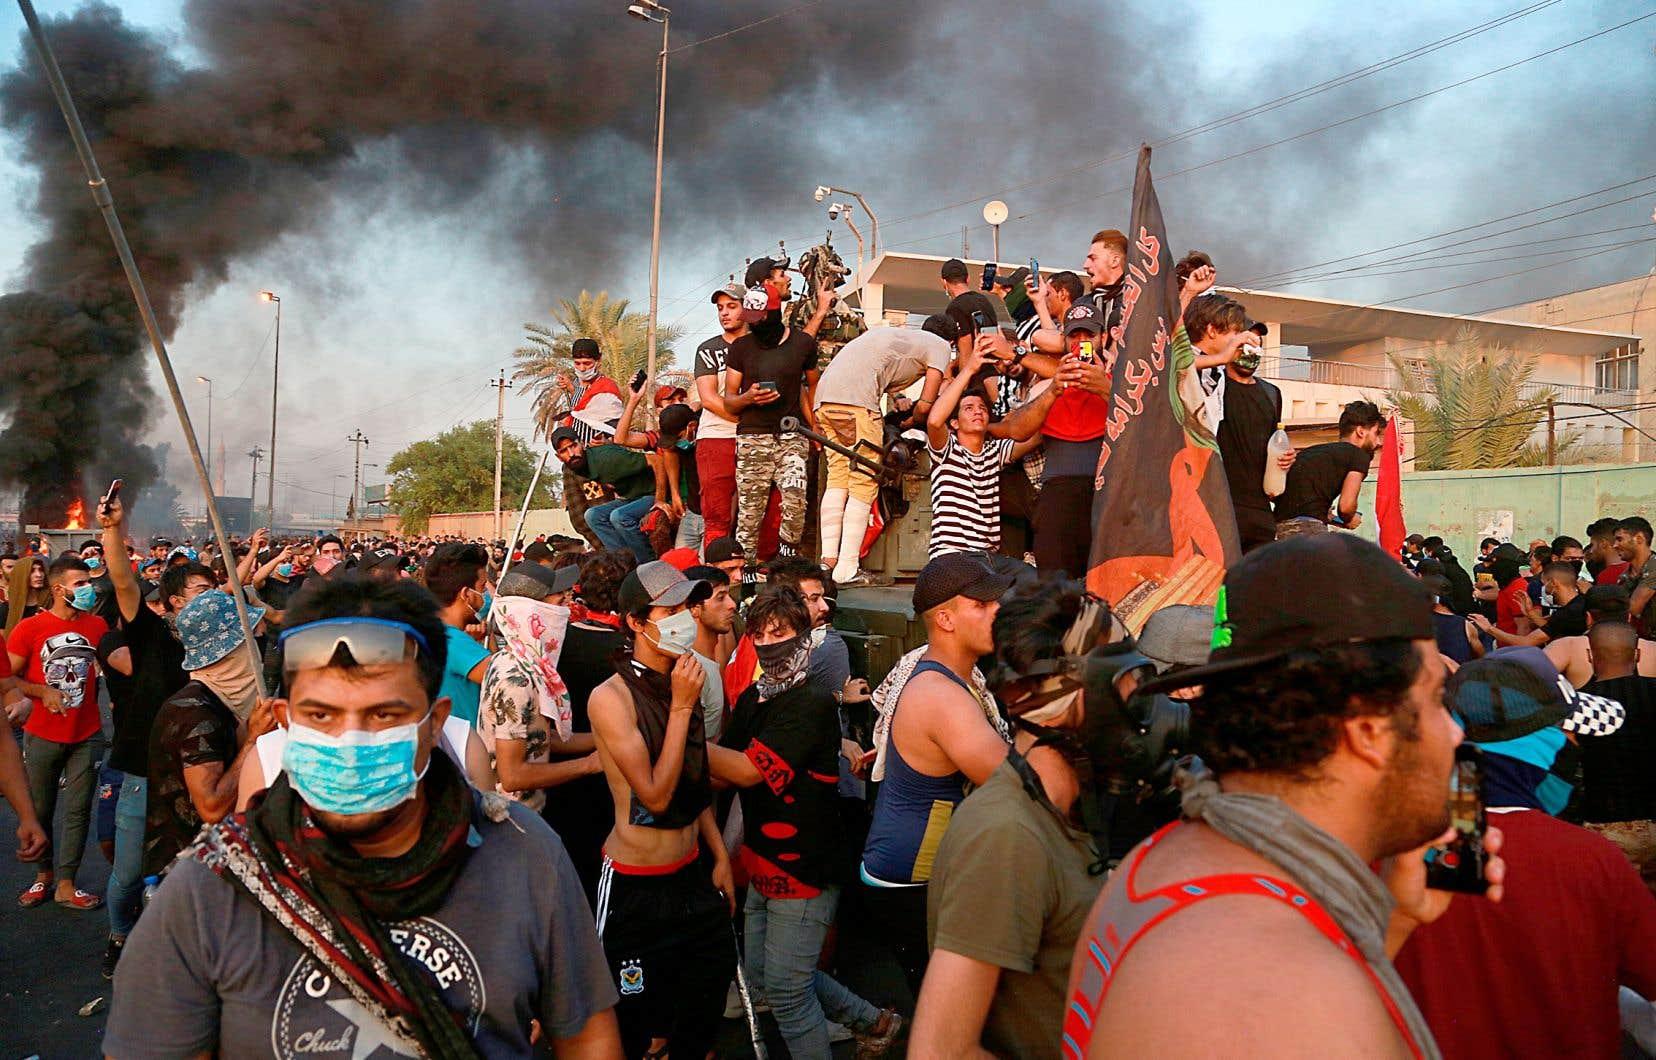 Des protestataires ont capturé un véhicule blindé avant de l'incendier, jeudi, au cours d'une manifestation à Bagdad.